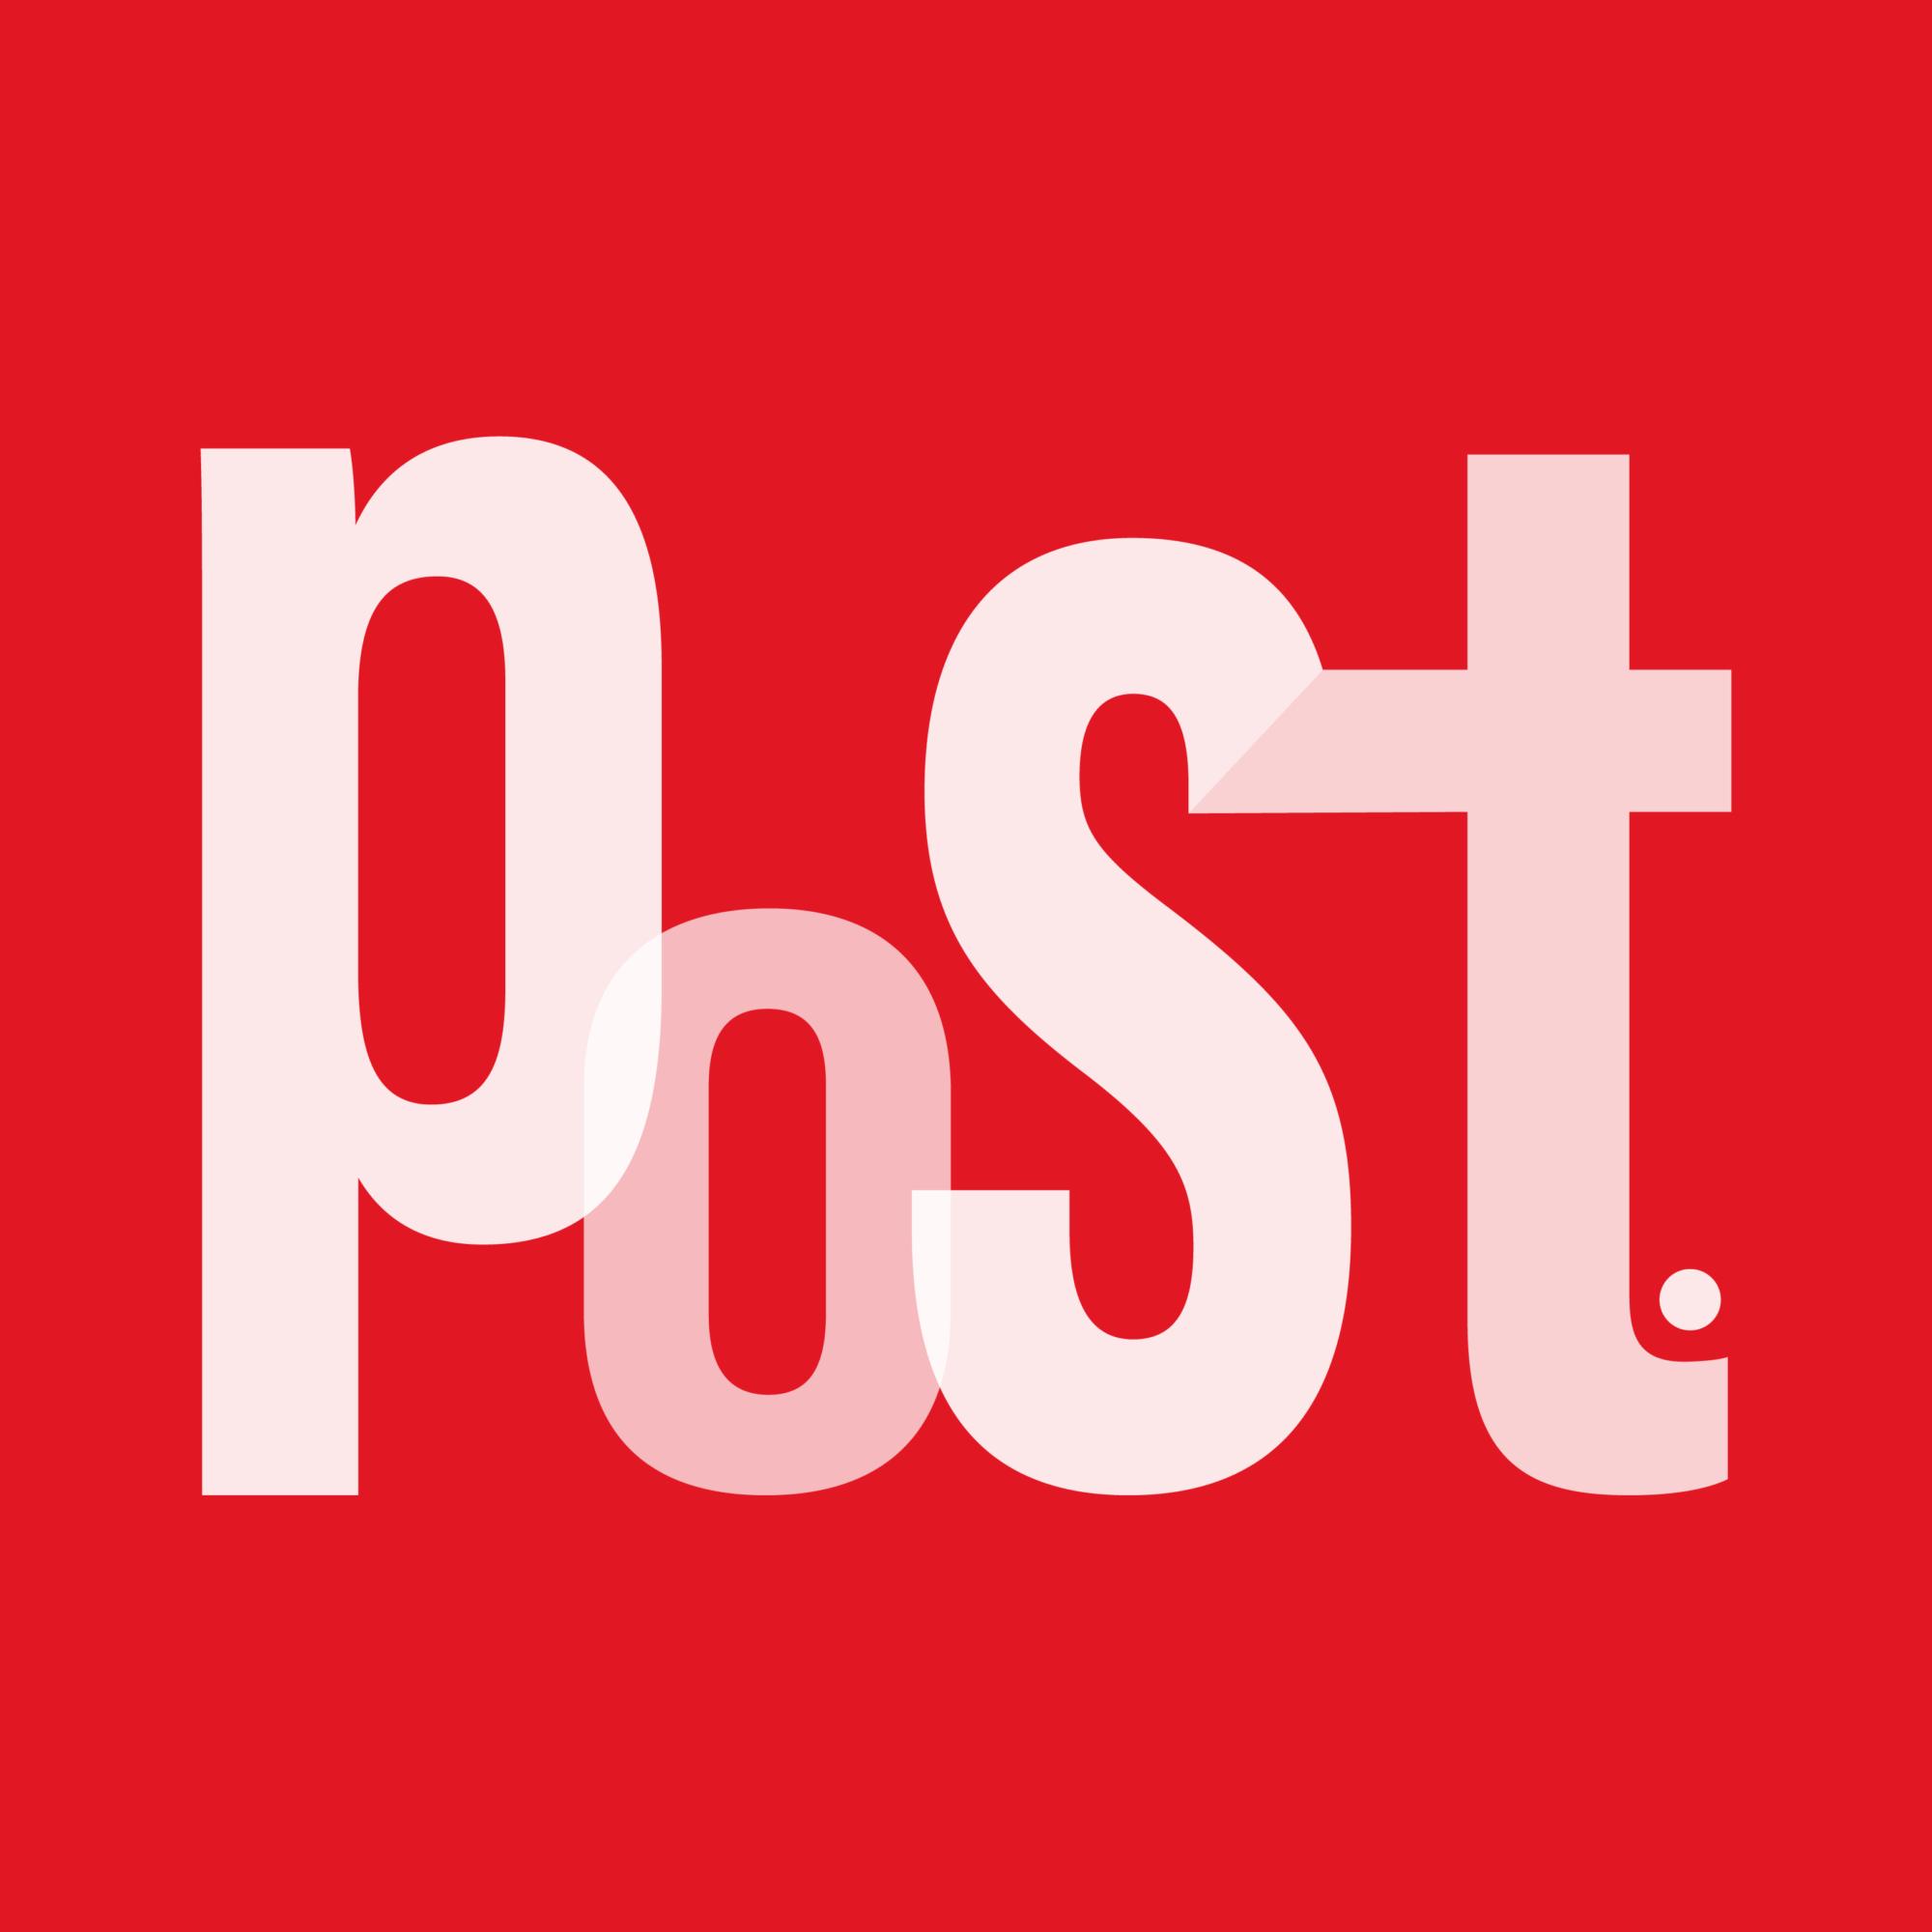 Logo da POST. Fundo vermelho com letras brancas